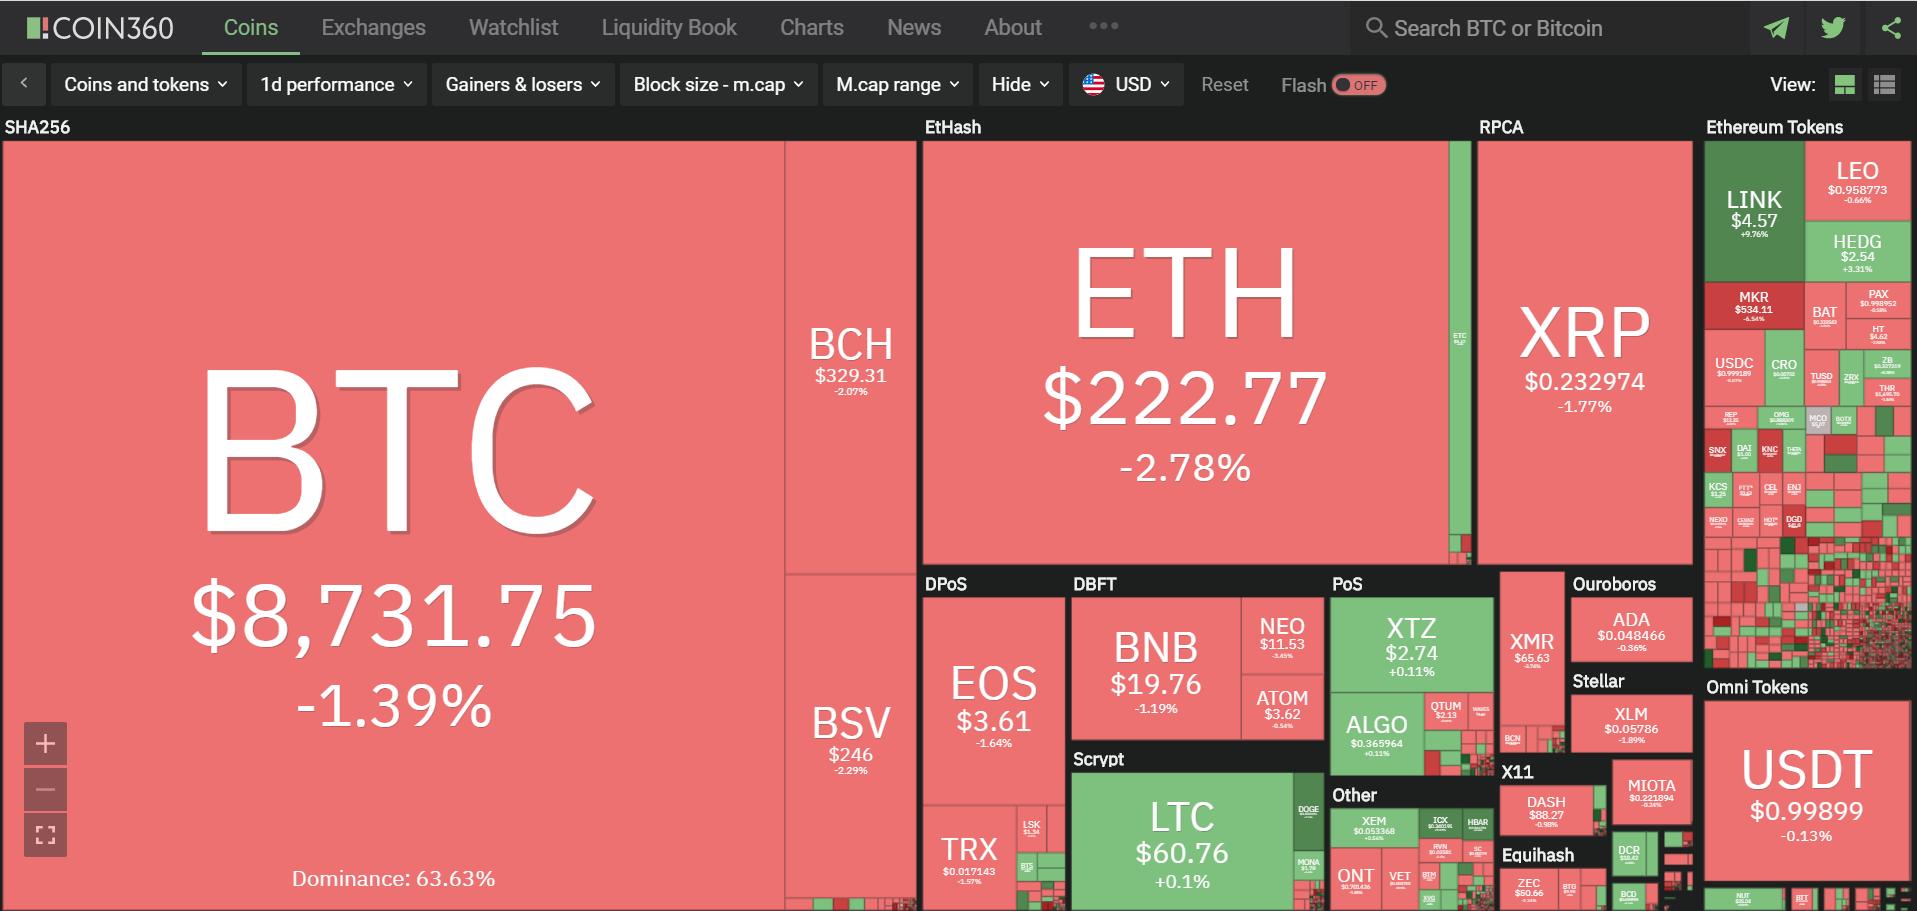 Toàn cảnh thị trường tiền kĩ thuật số hôm nay (4/3) (Nguồn: Coin360.com)